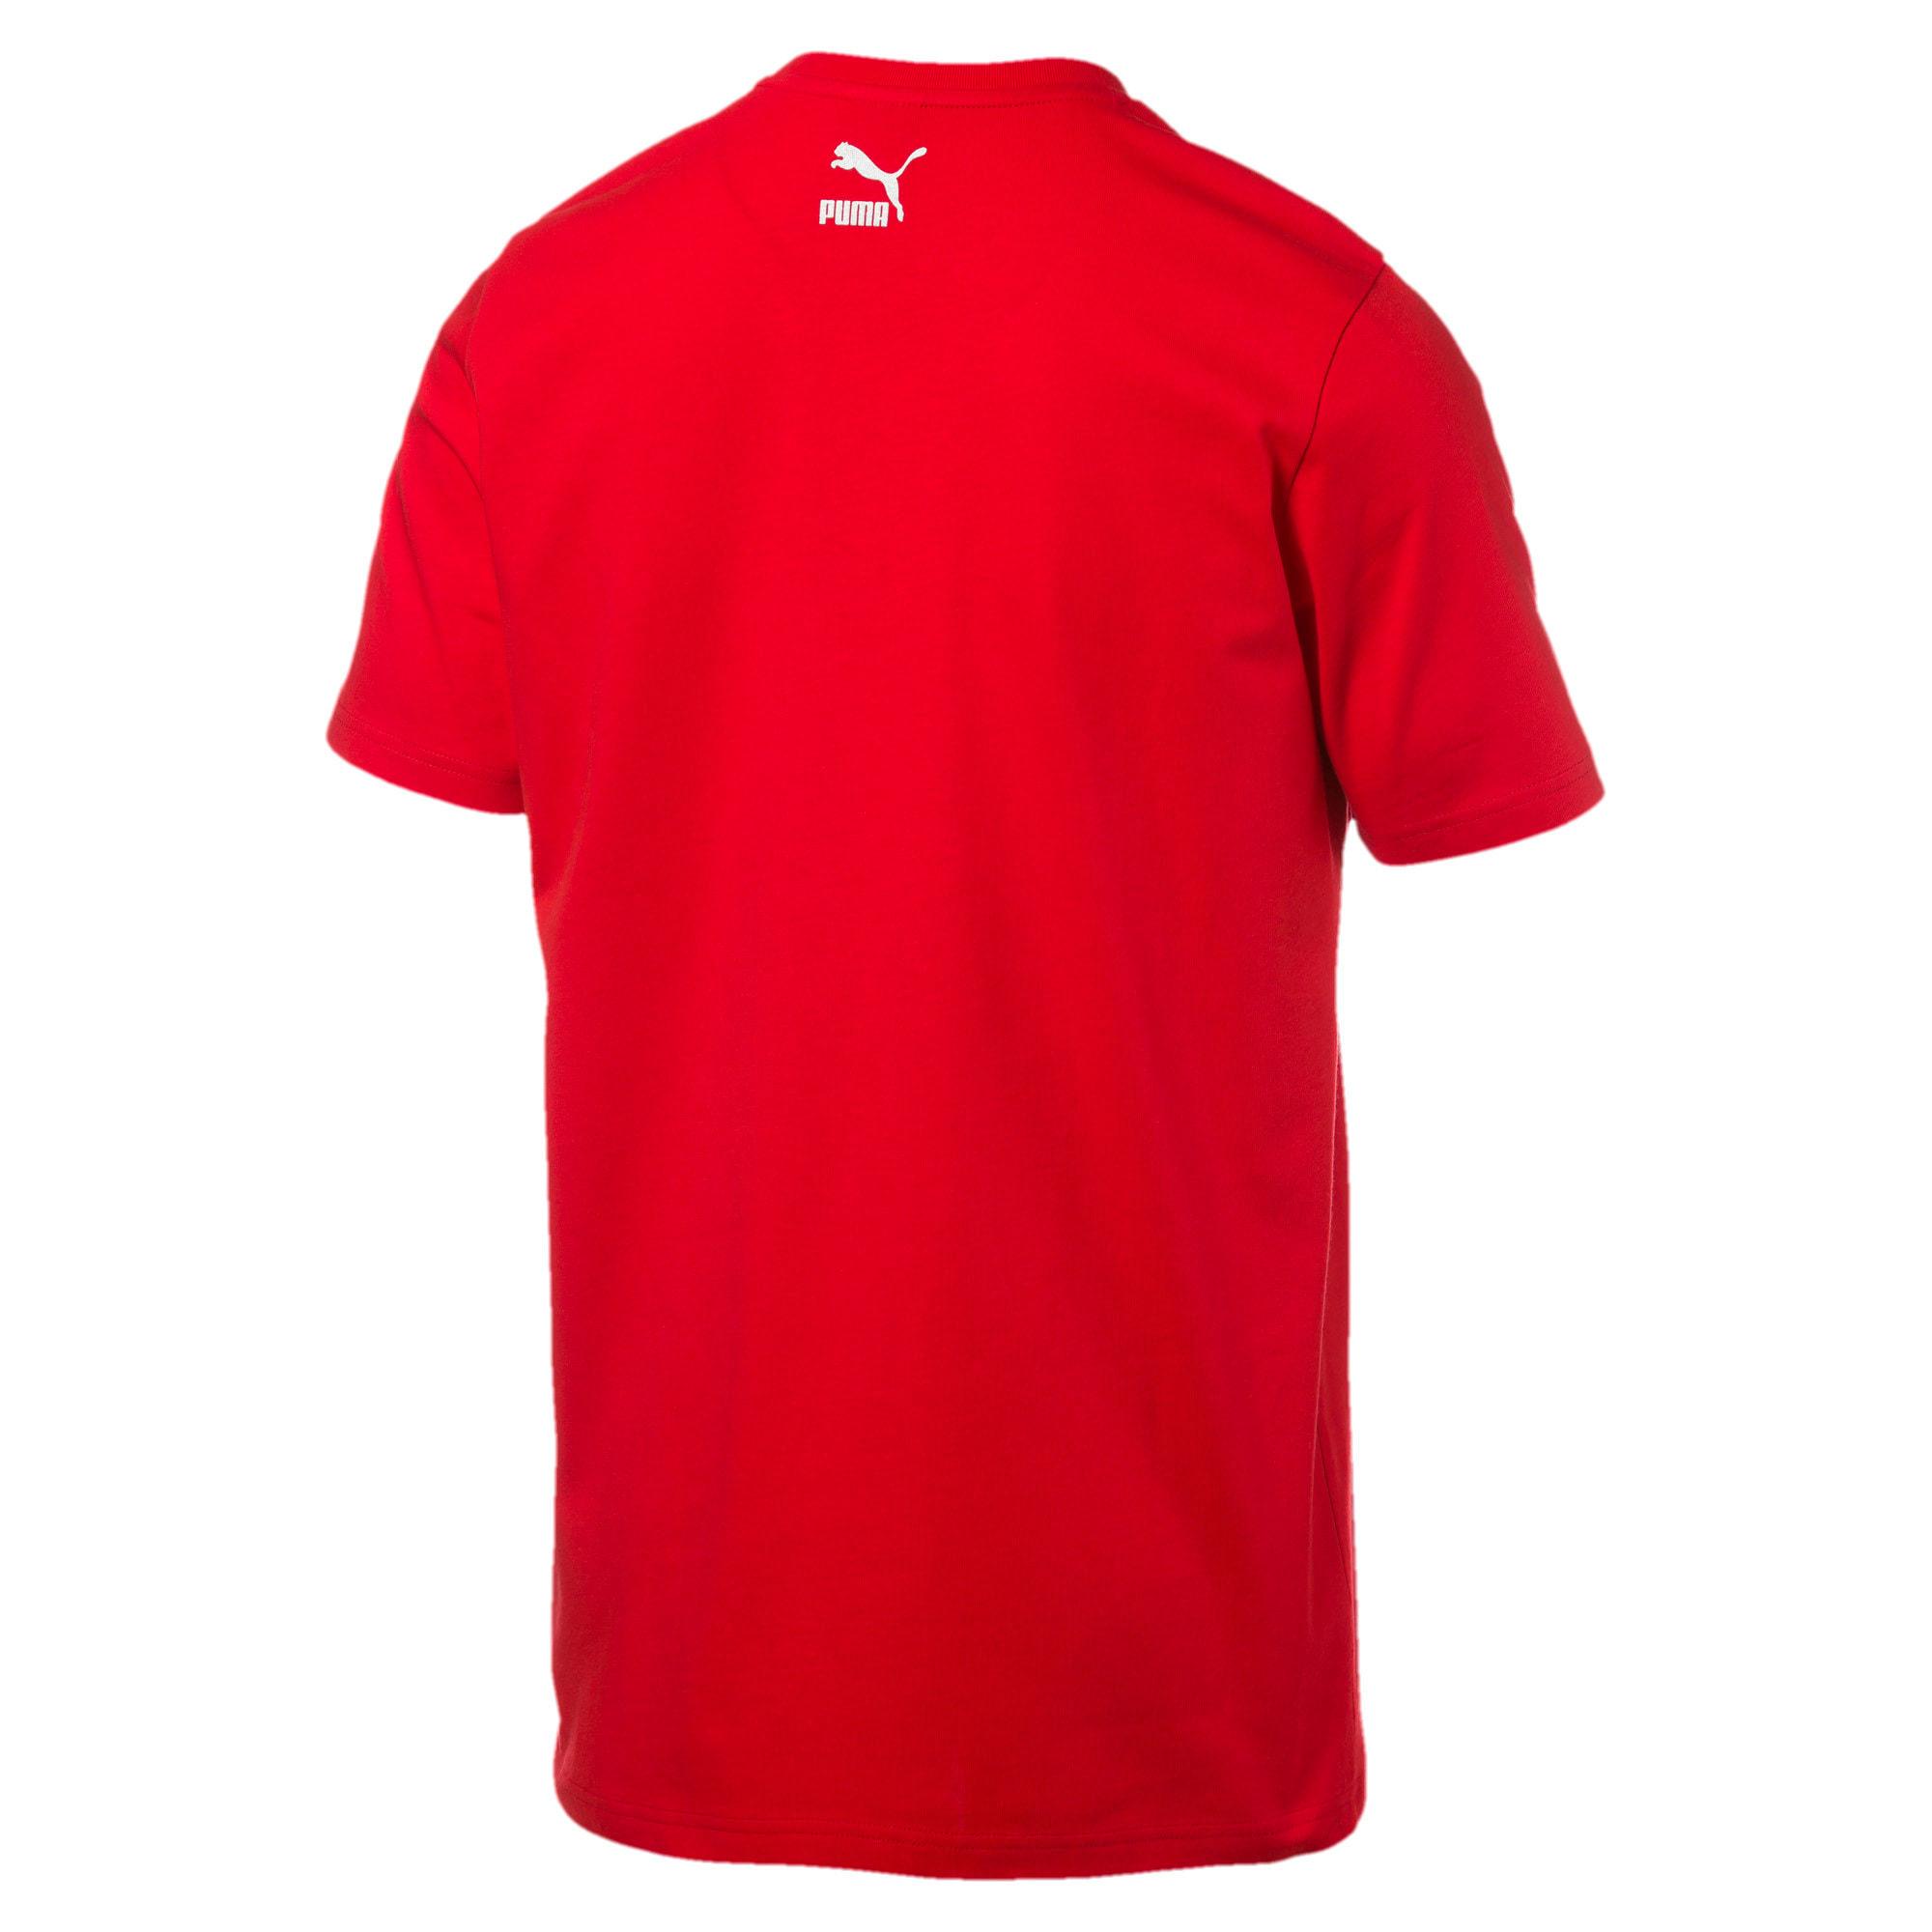 Thumbnail 2 of Space Explorer Herren T-Shirt, High Risk Red, medium